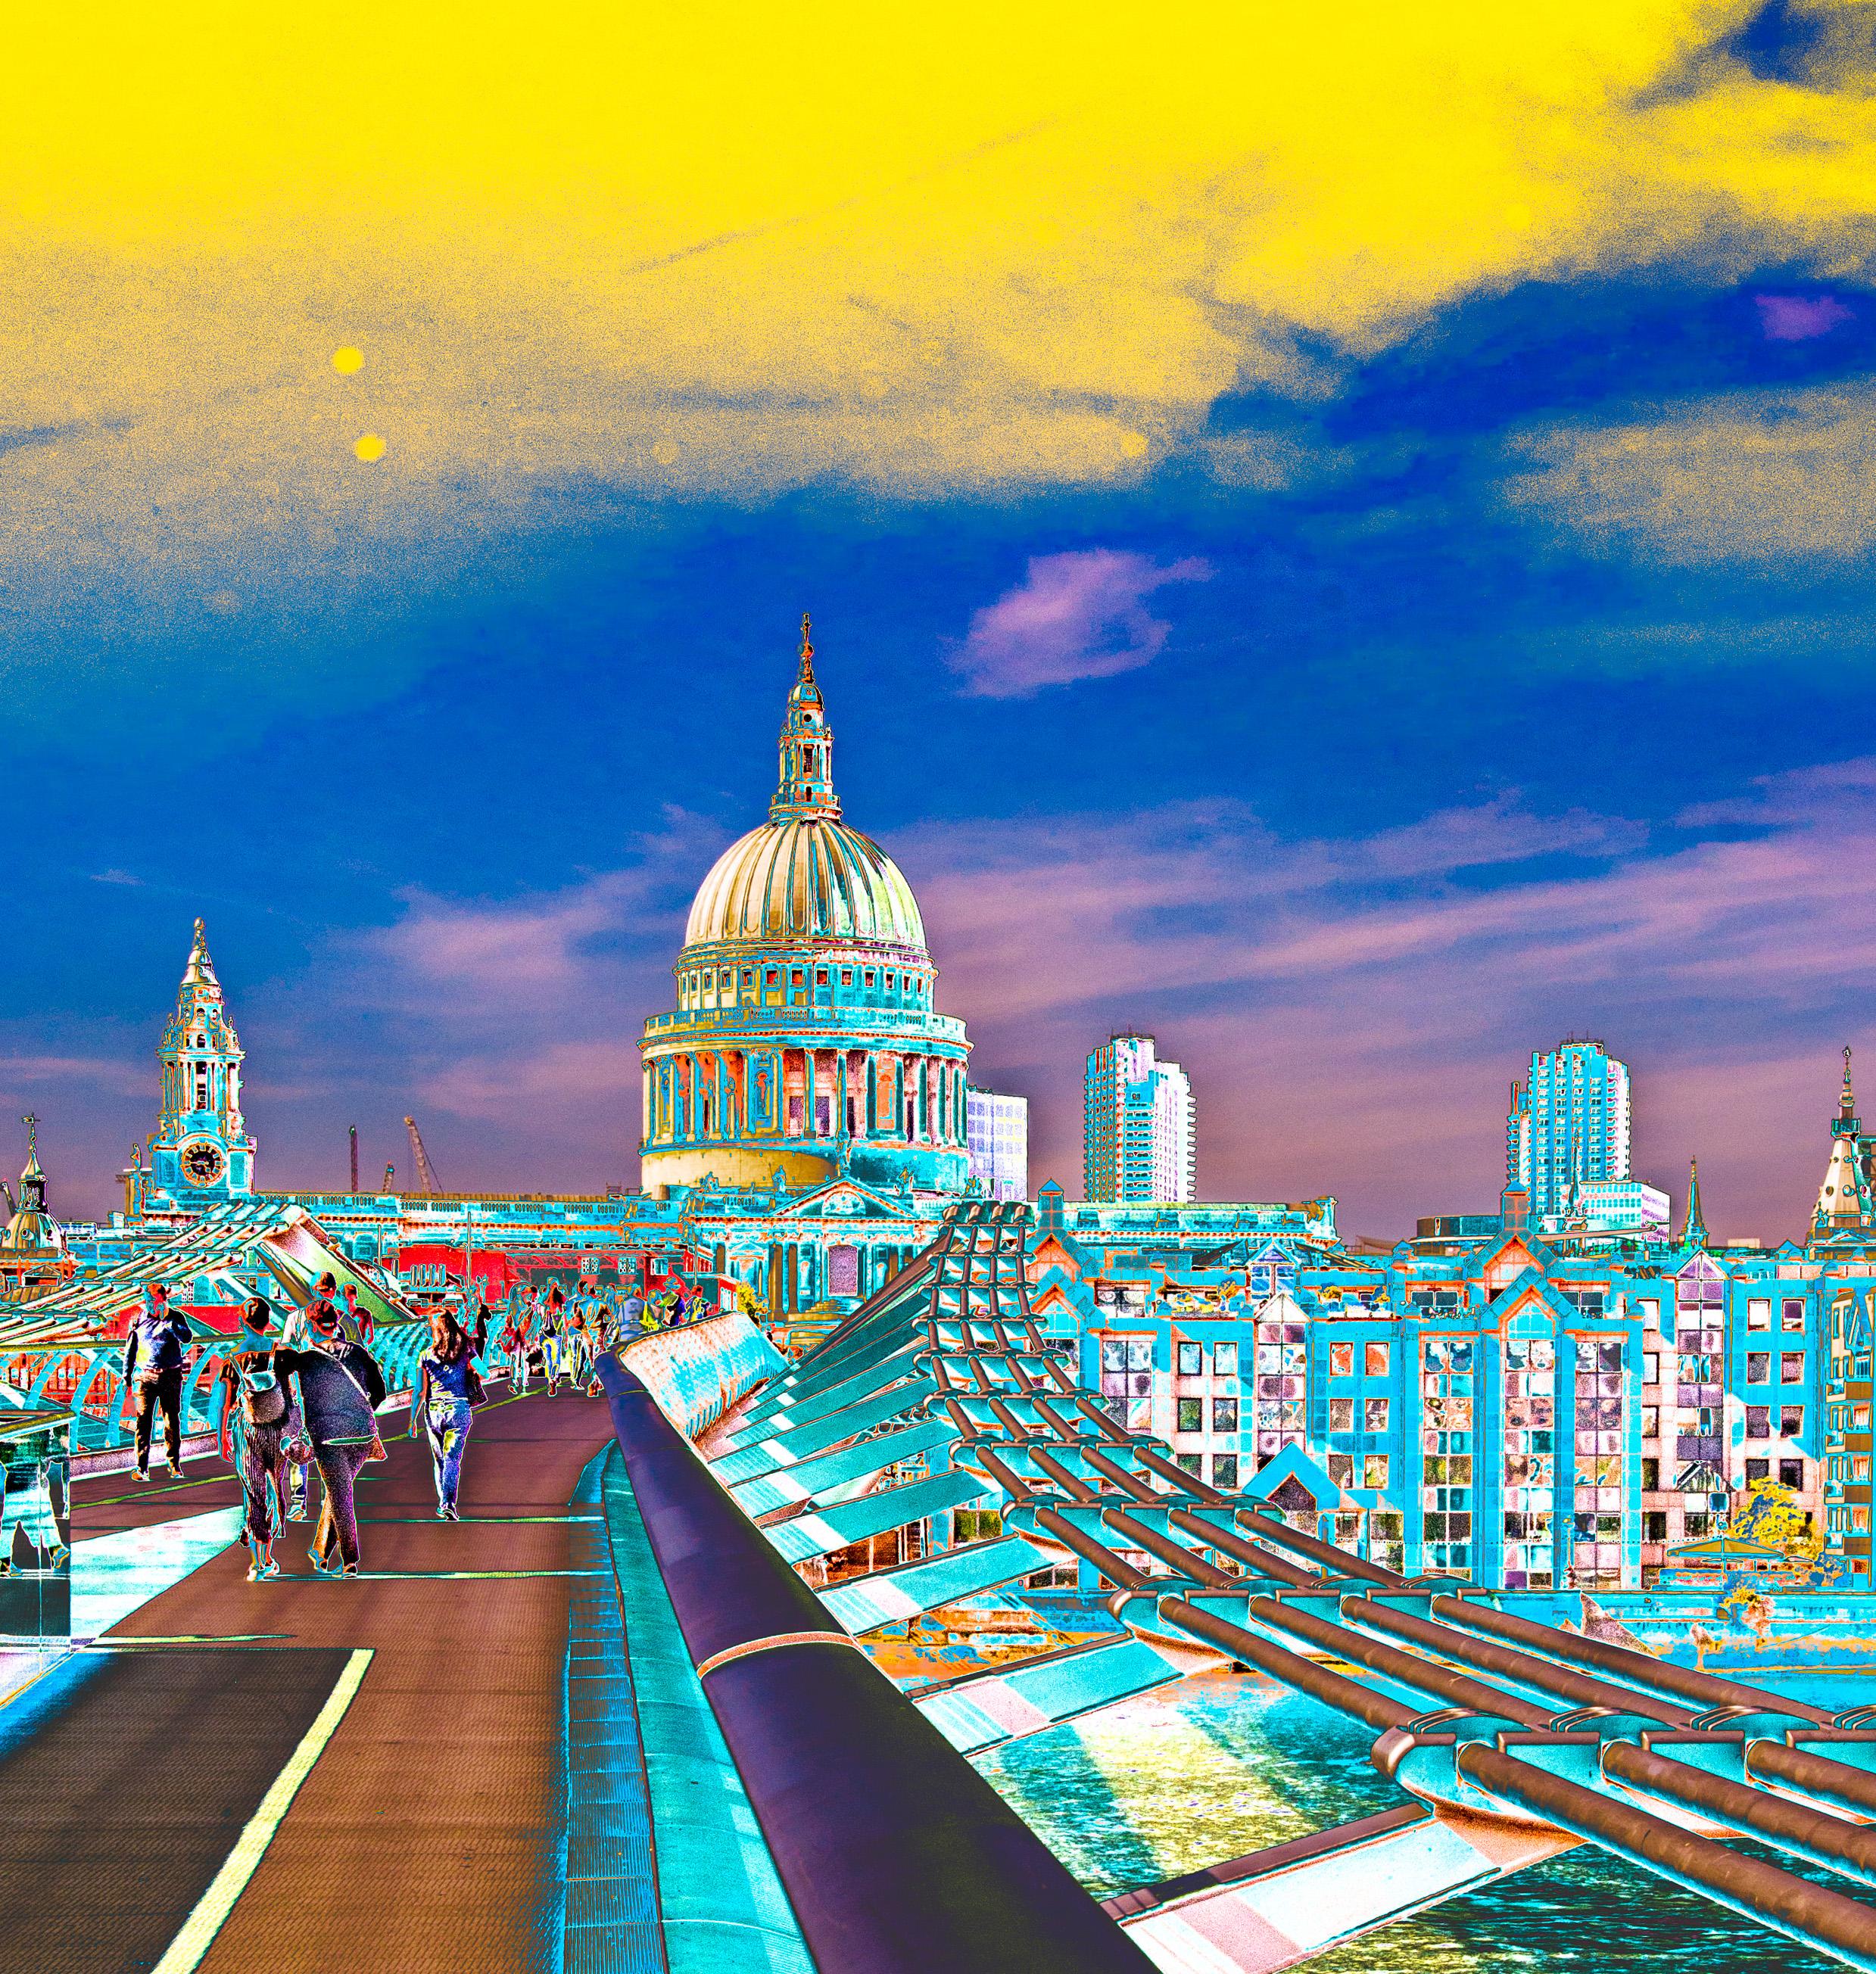 Millennium Bridge/St. Paul's Cathedral London